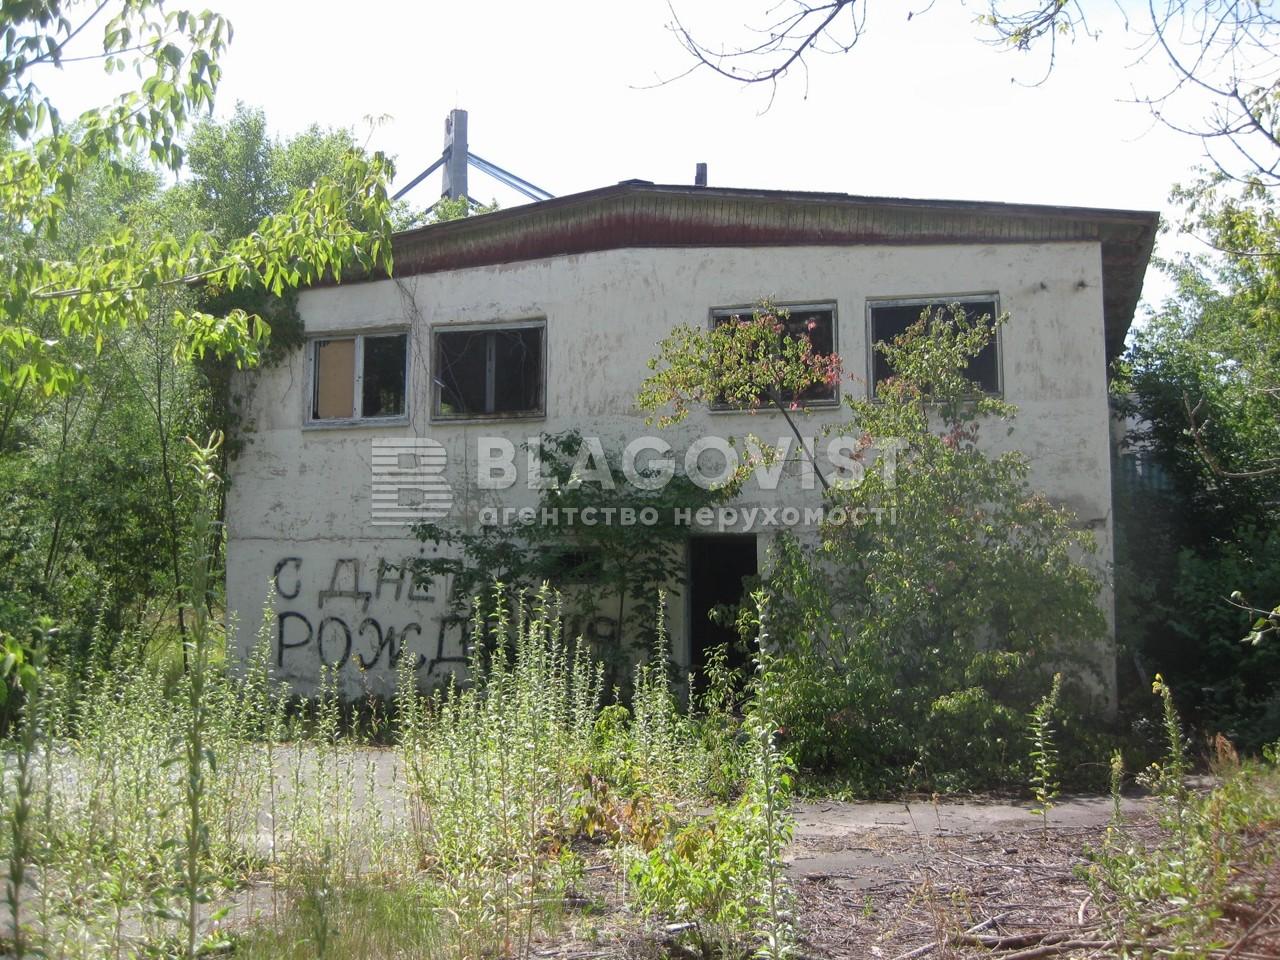 Гостиница, C-104848, Труханов остров, Киев - Фото 1